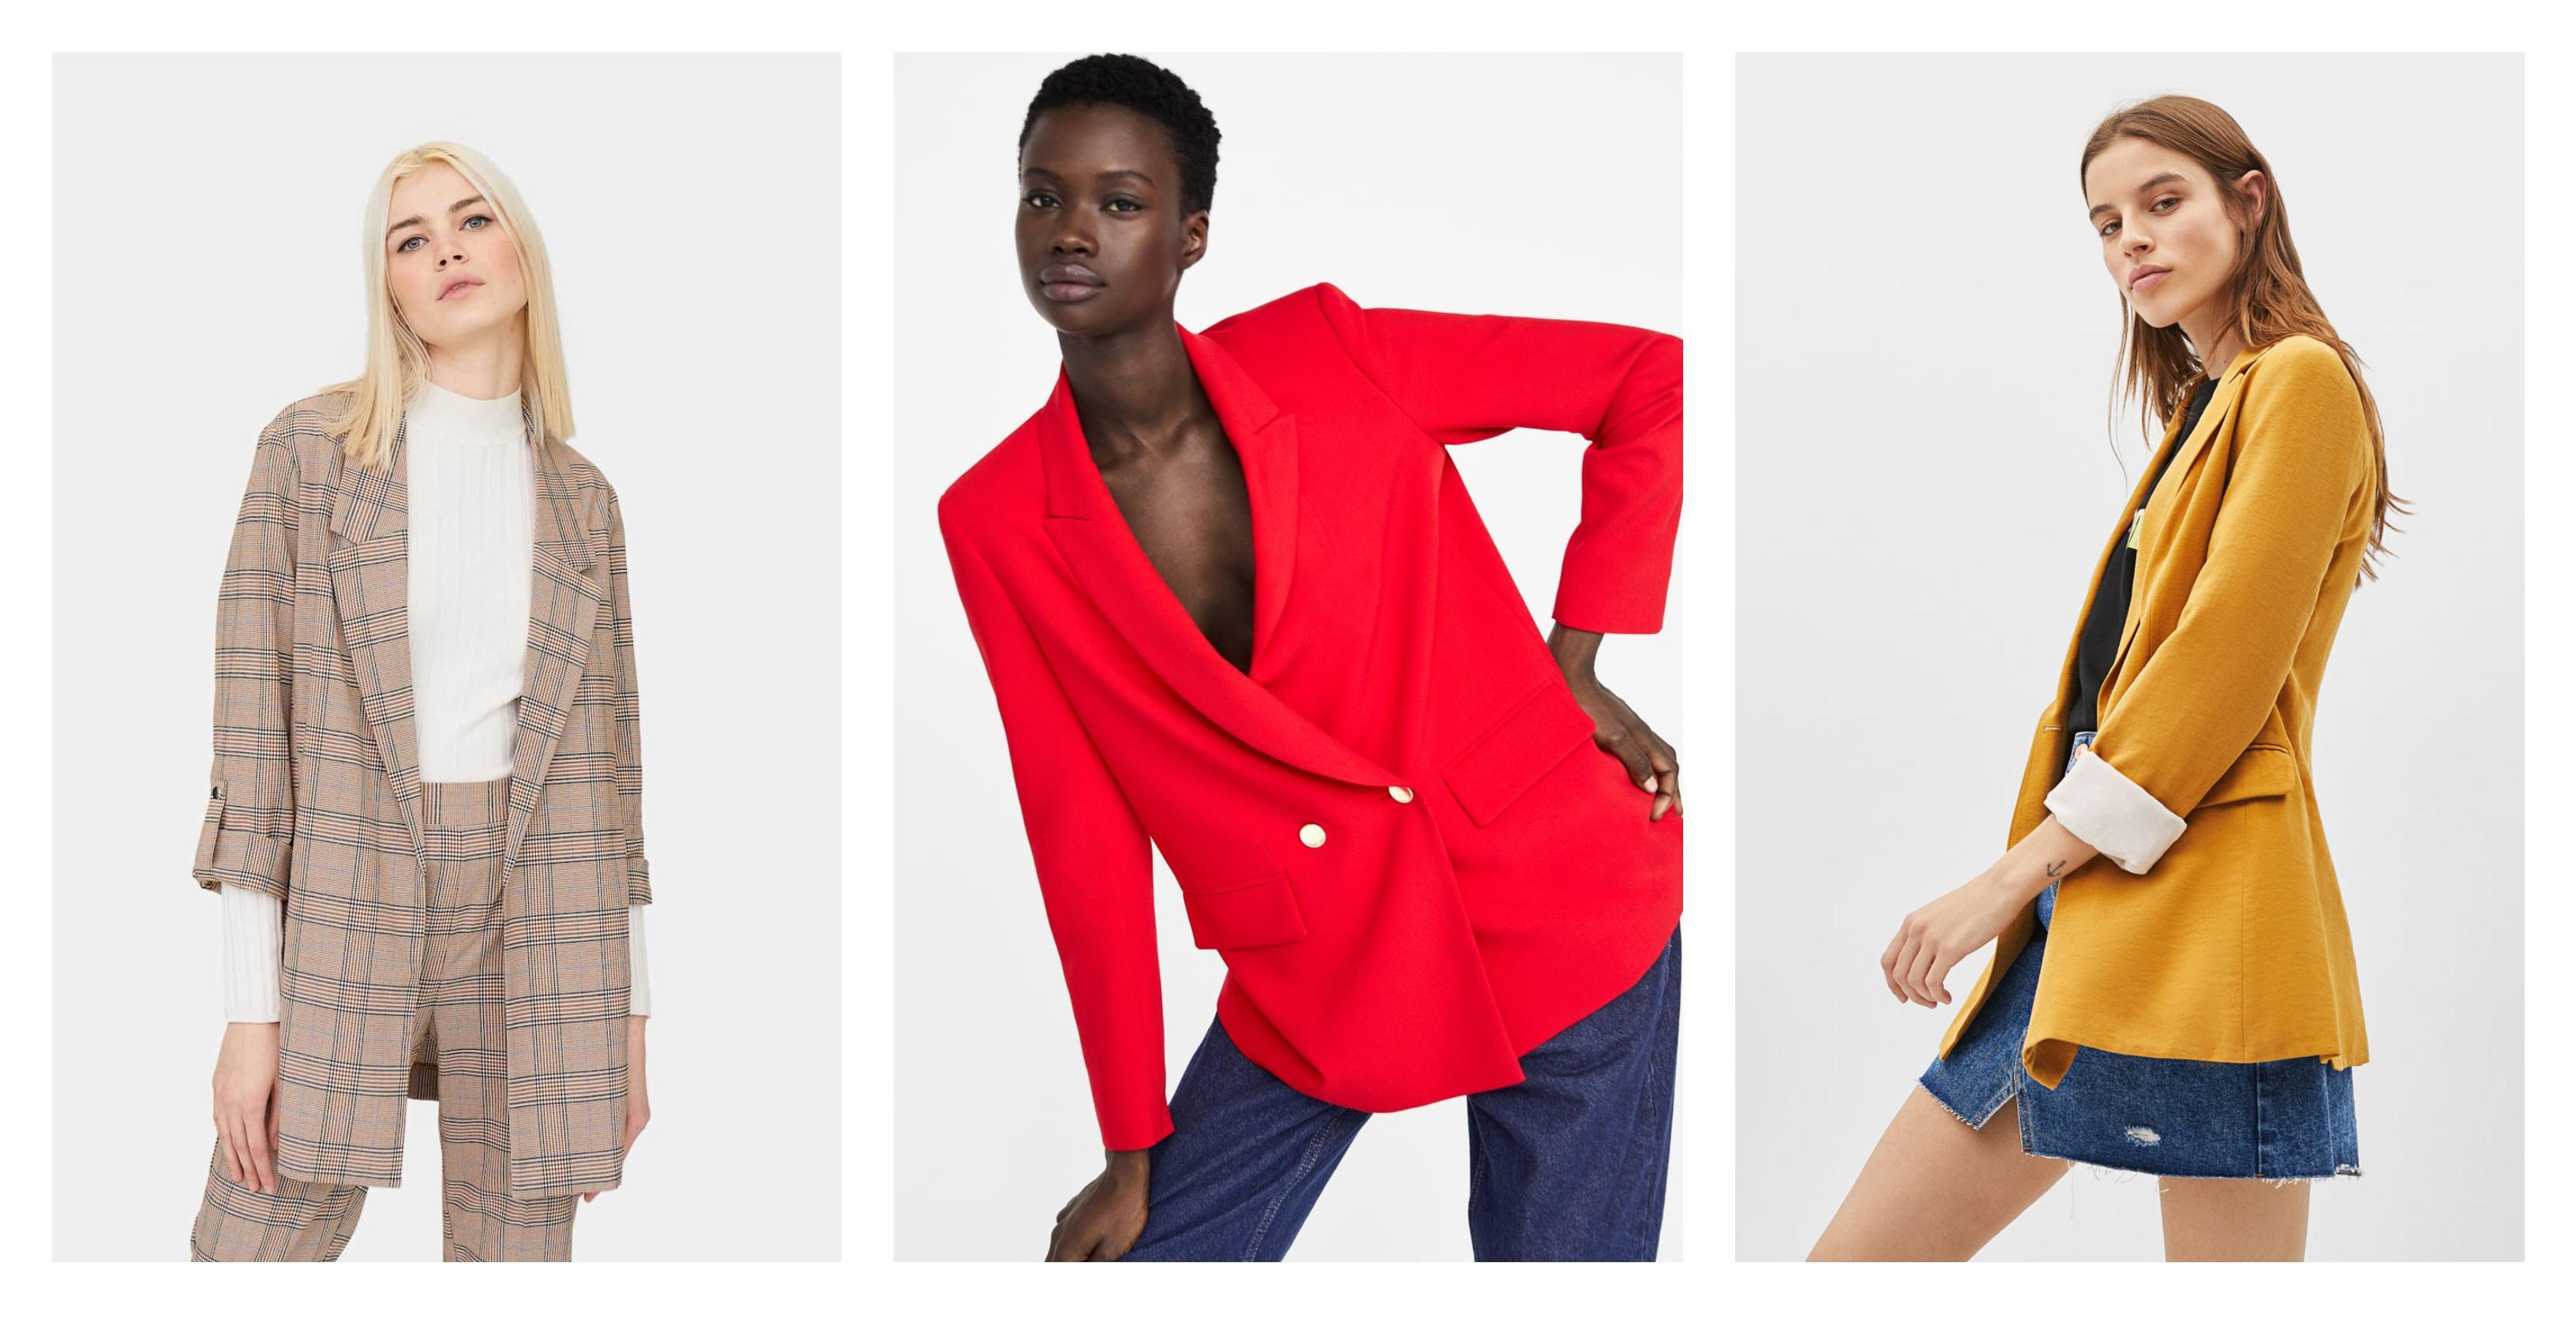 Novi sako uvijek je dobra ideja, a u high street dućanima ima tako dobrih modela!